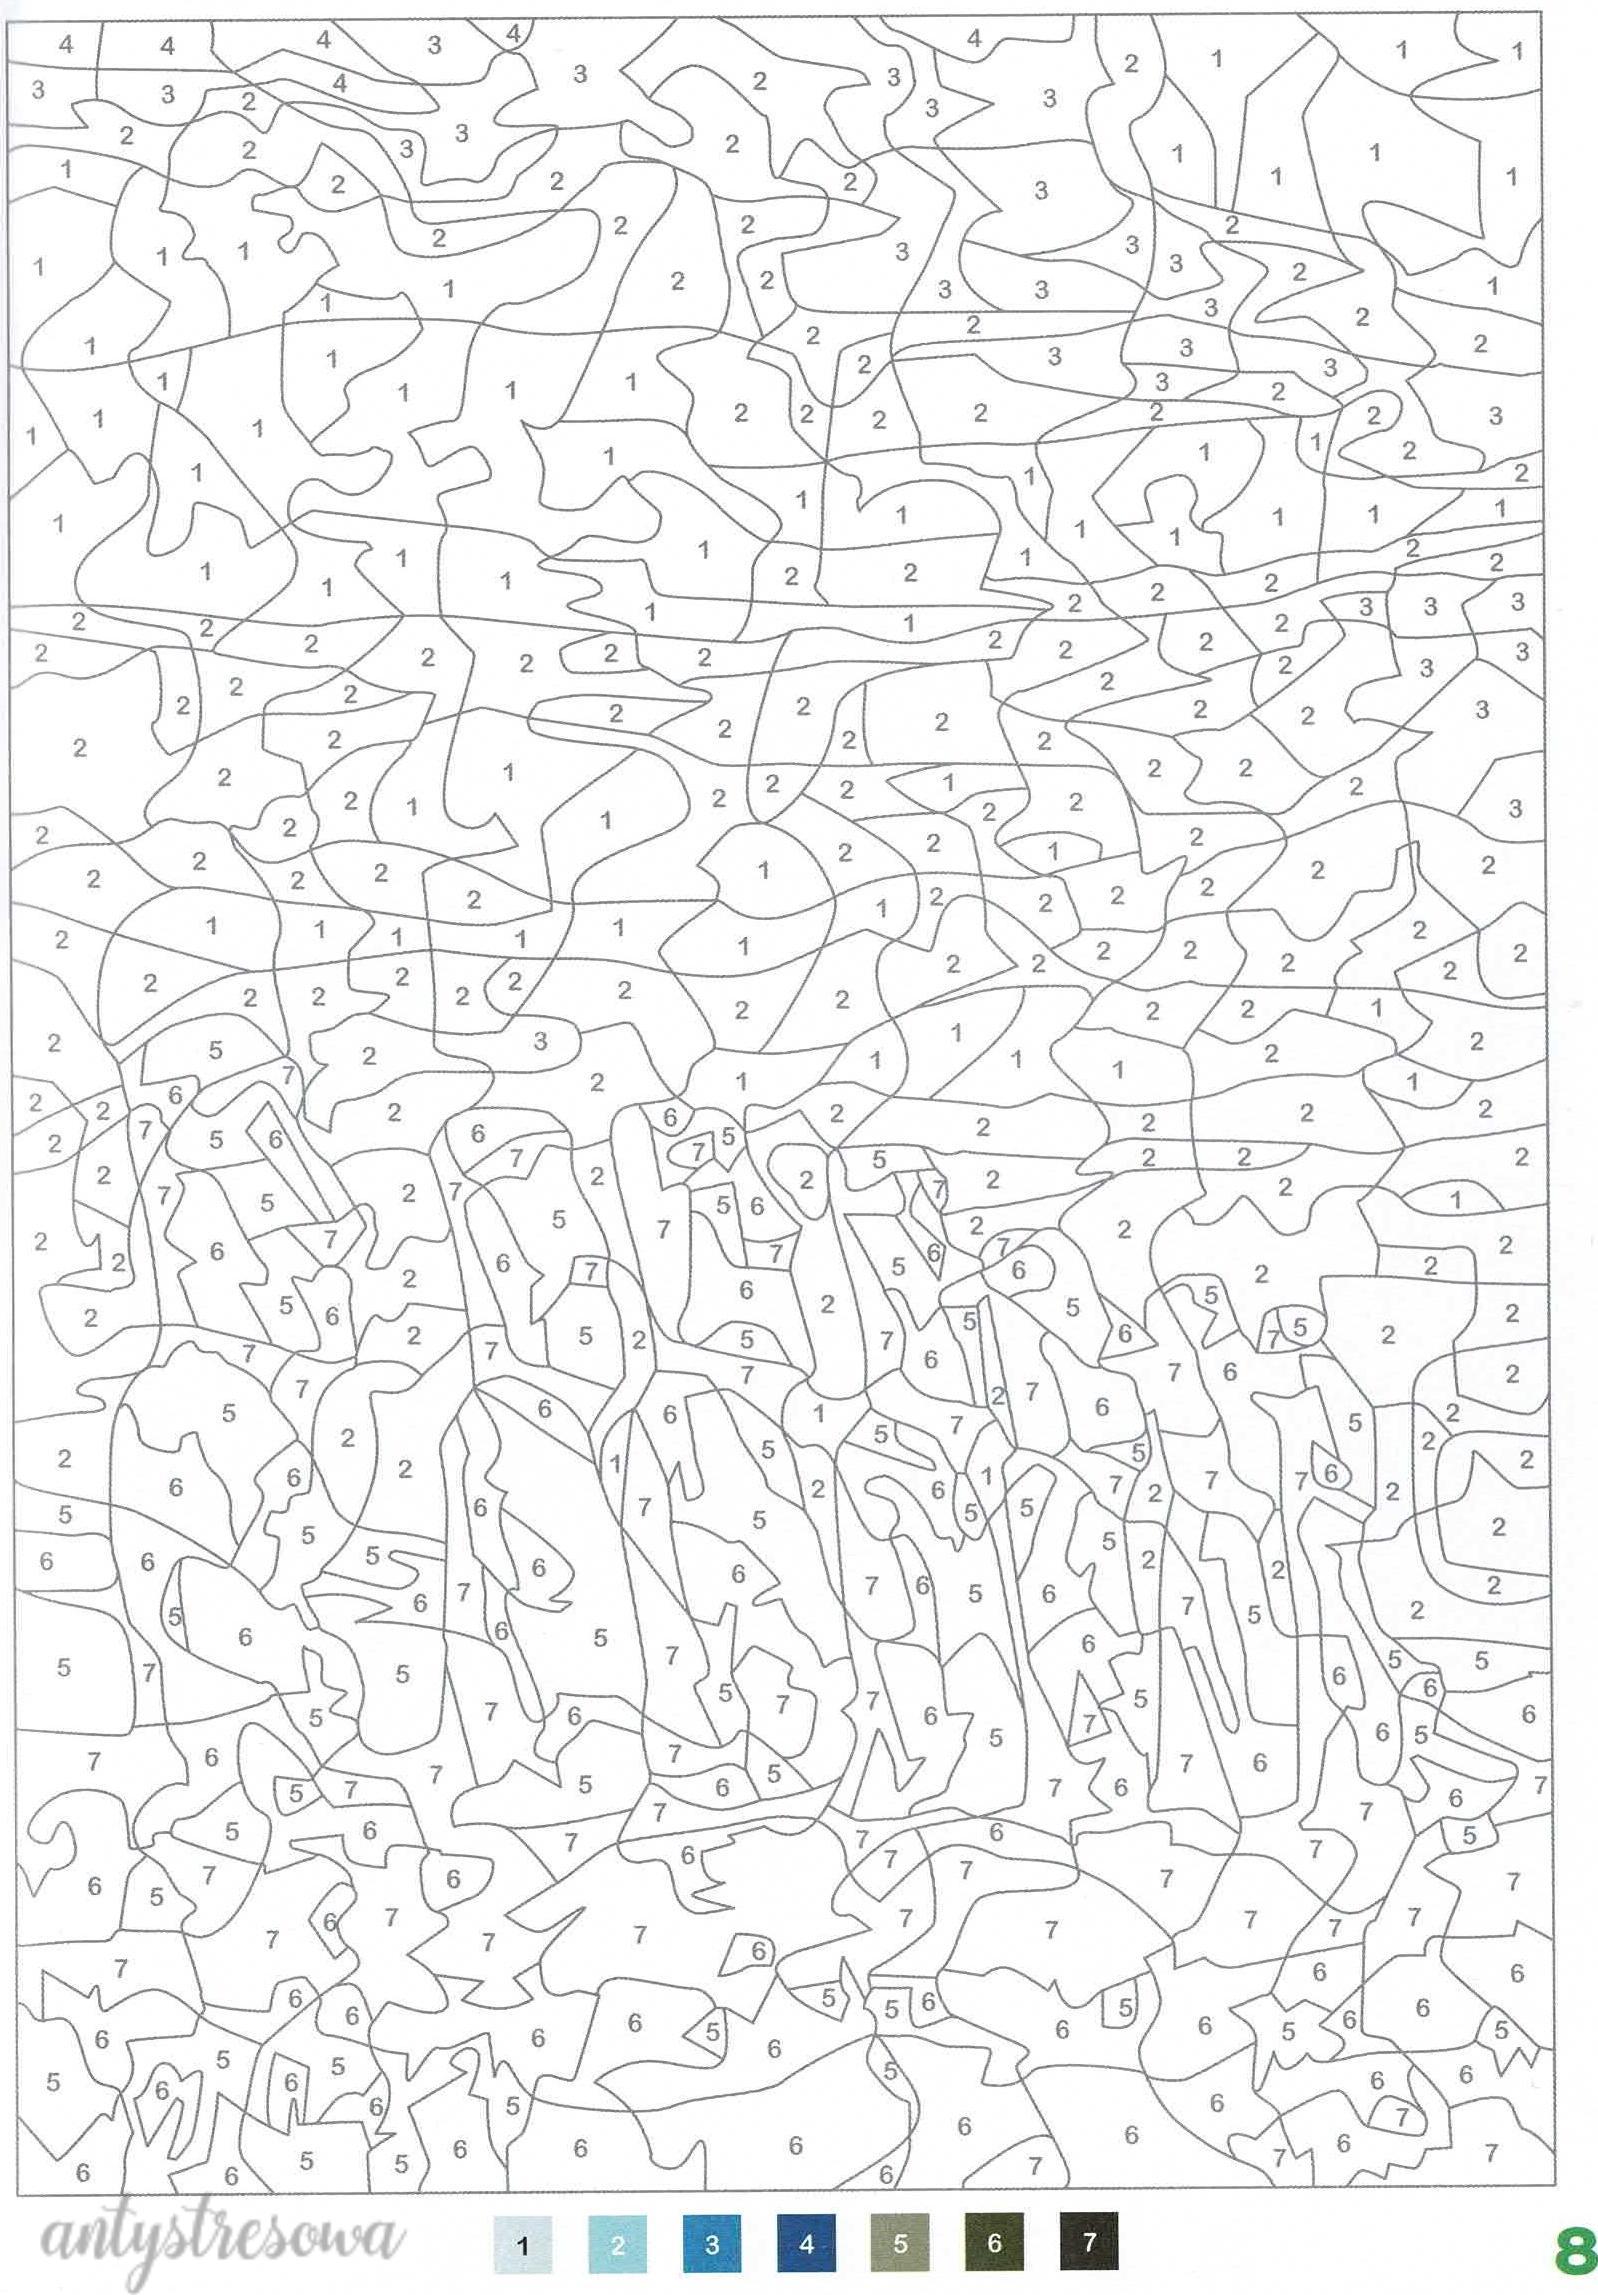 100 Coloriages mystéres - Jérémy Mariez. Strona 8